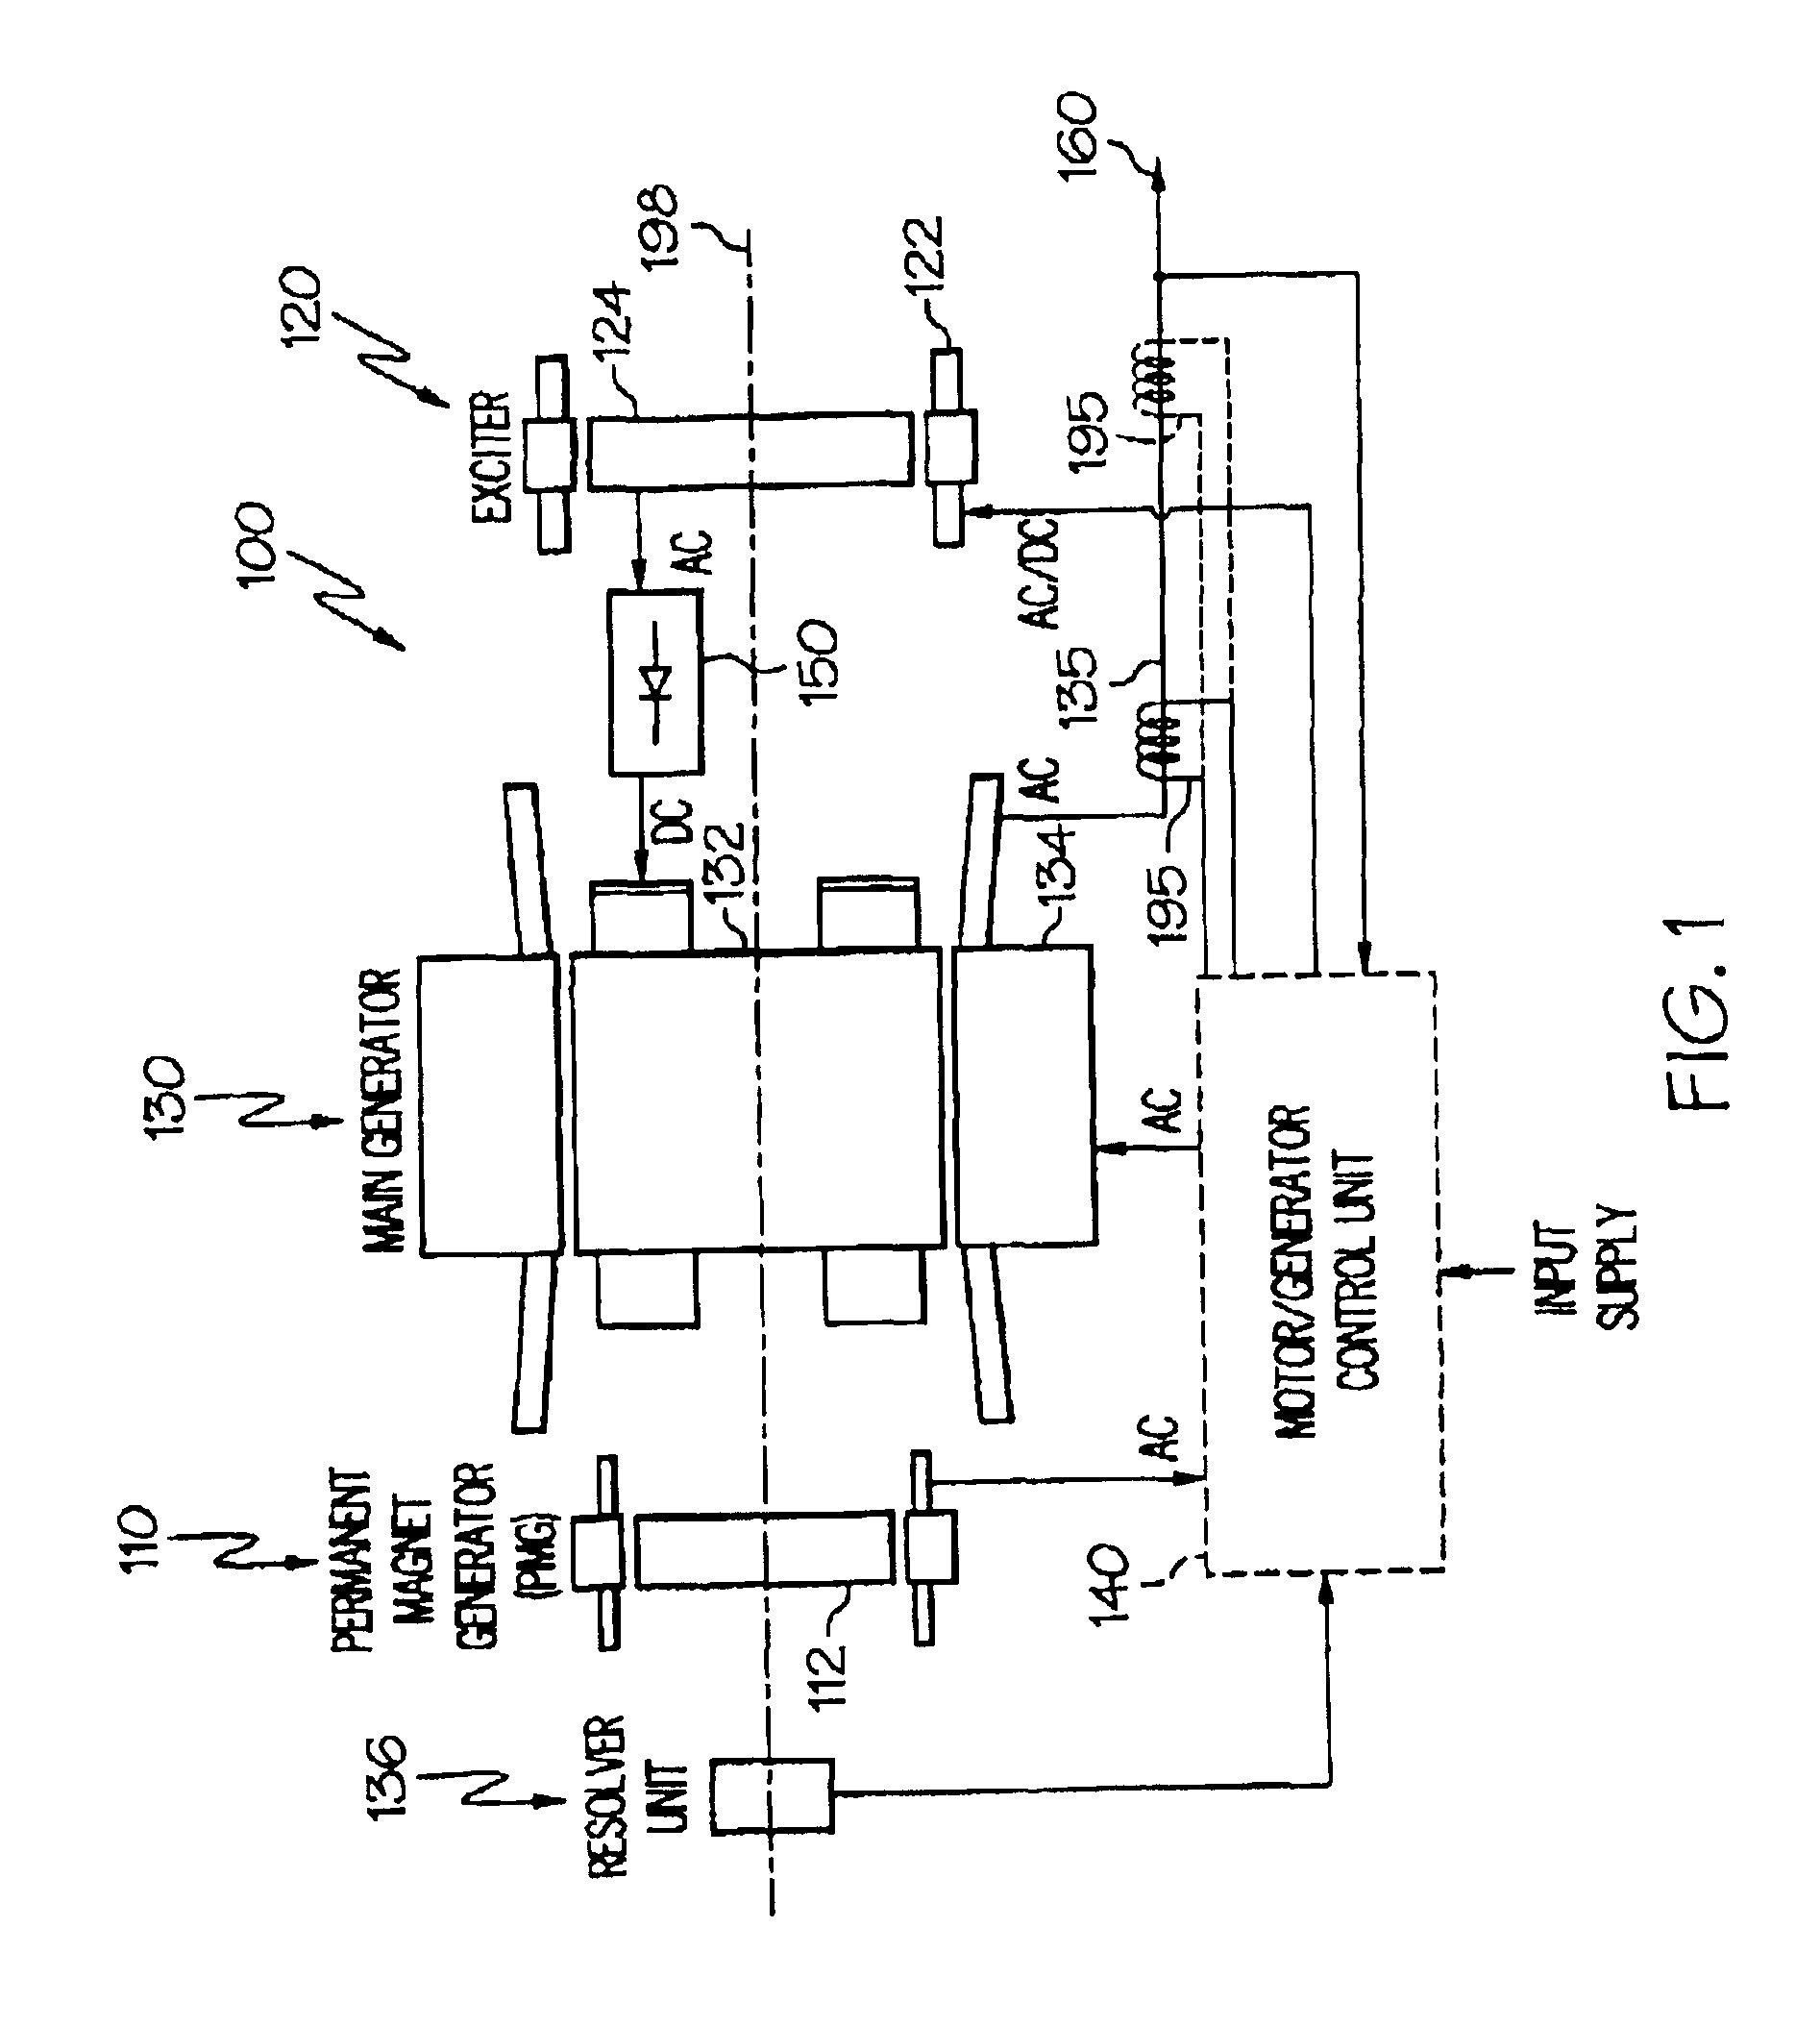 medium resolution of unique wiring diagram starter generator diagram diagramtemplate diagramsample